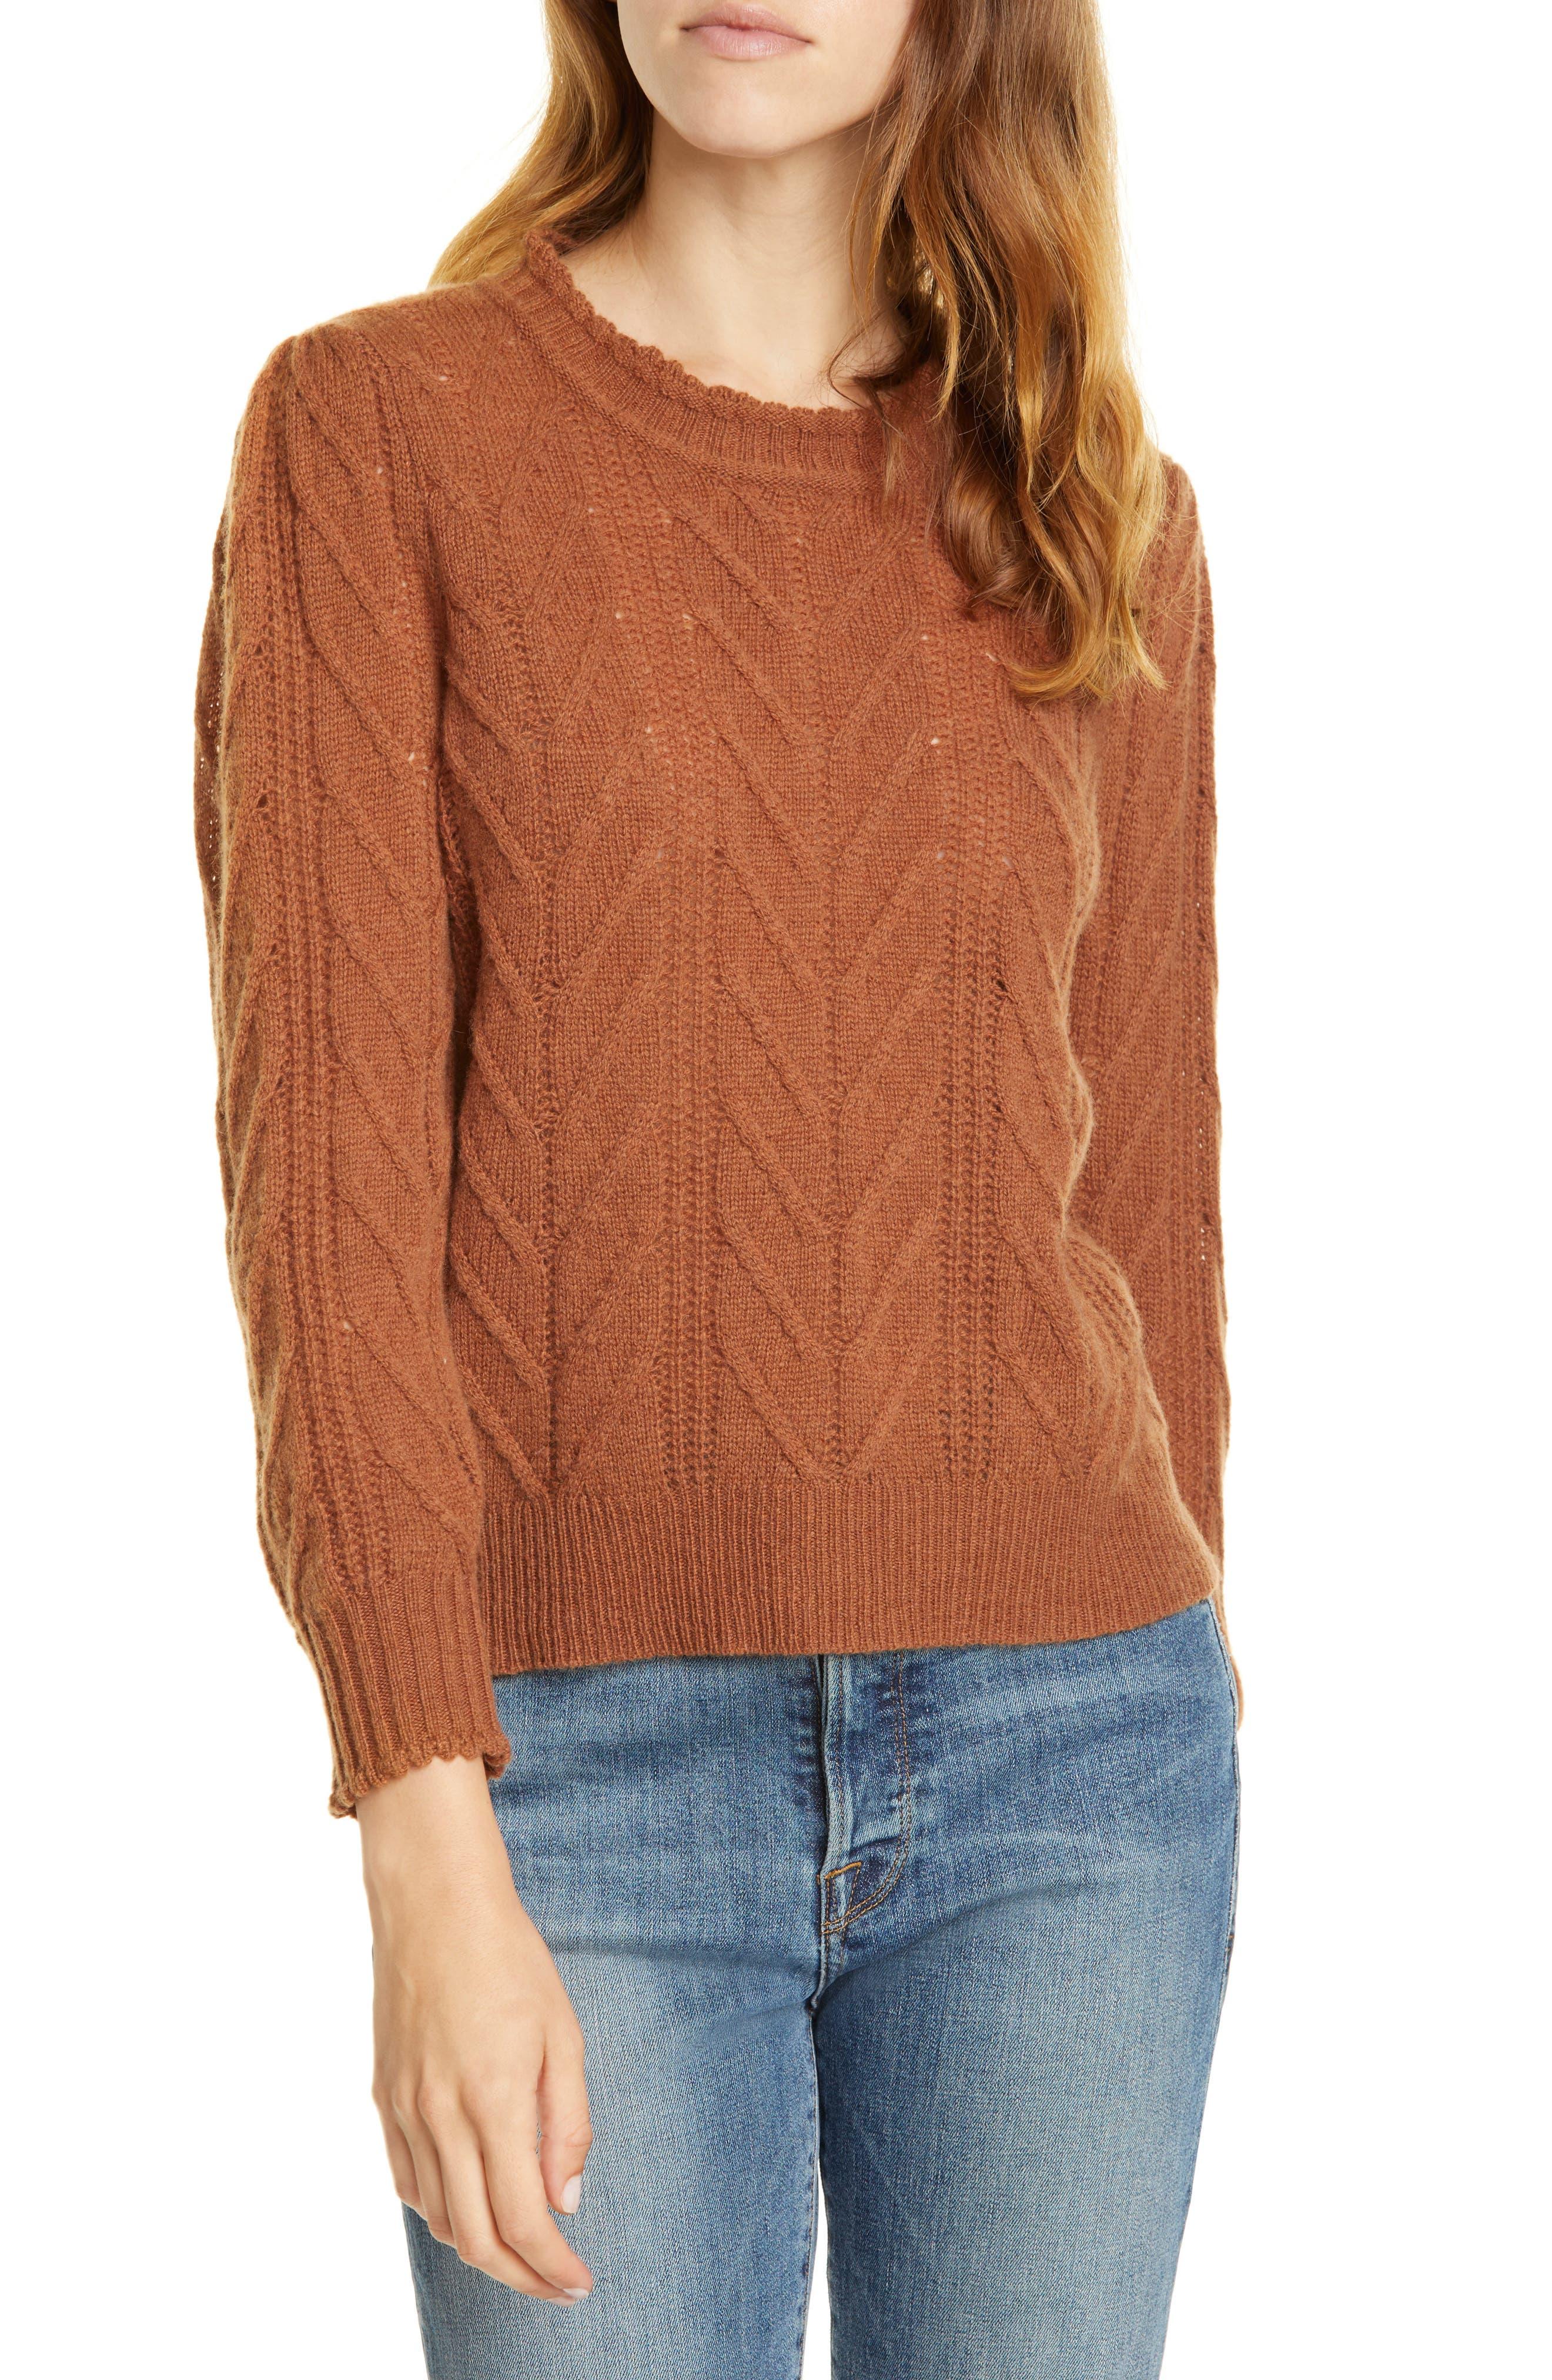 Joie Sweaters Tenzin Sweater